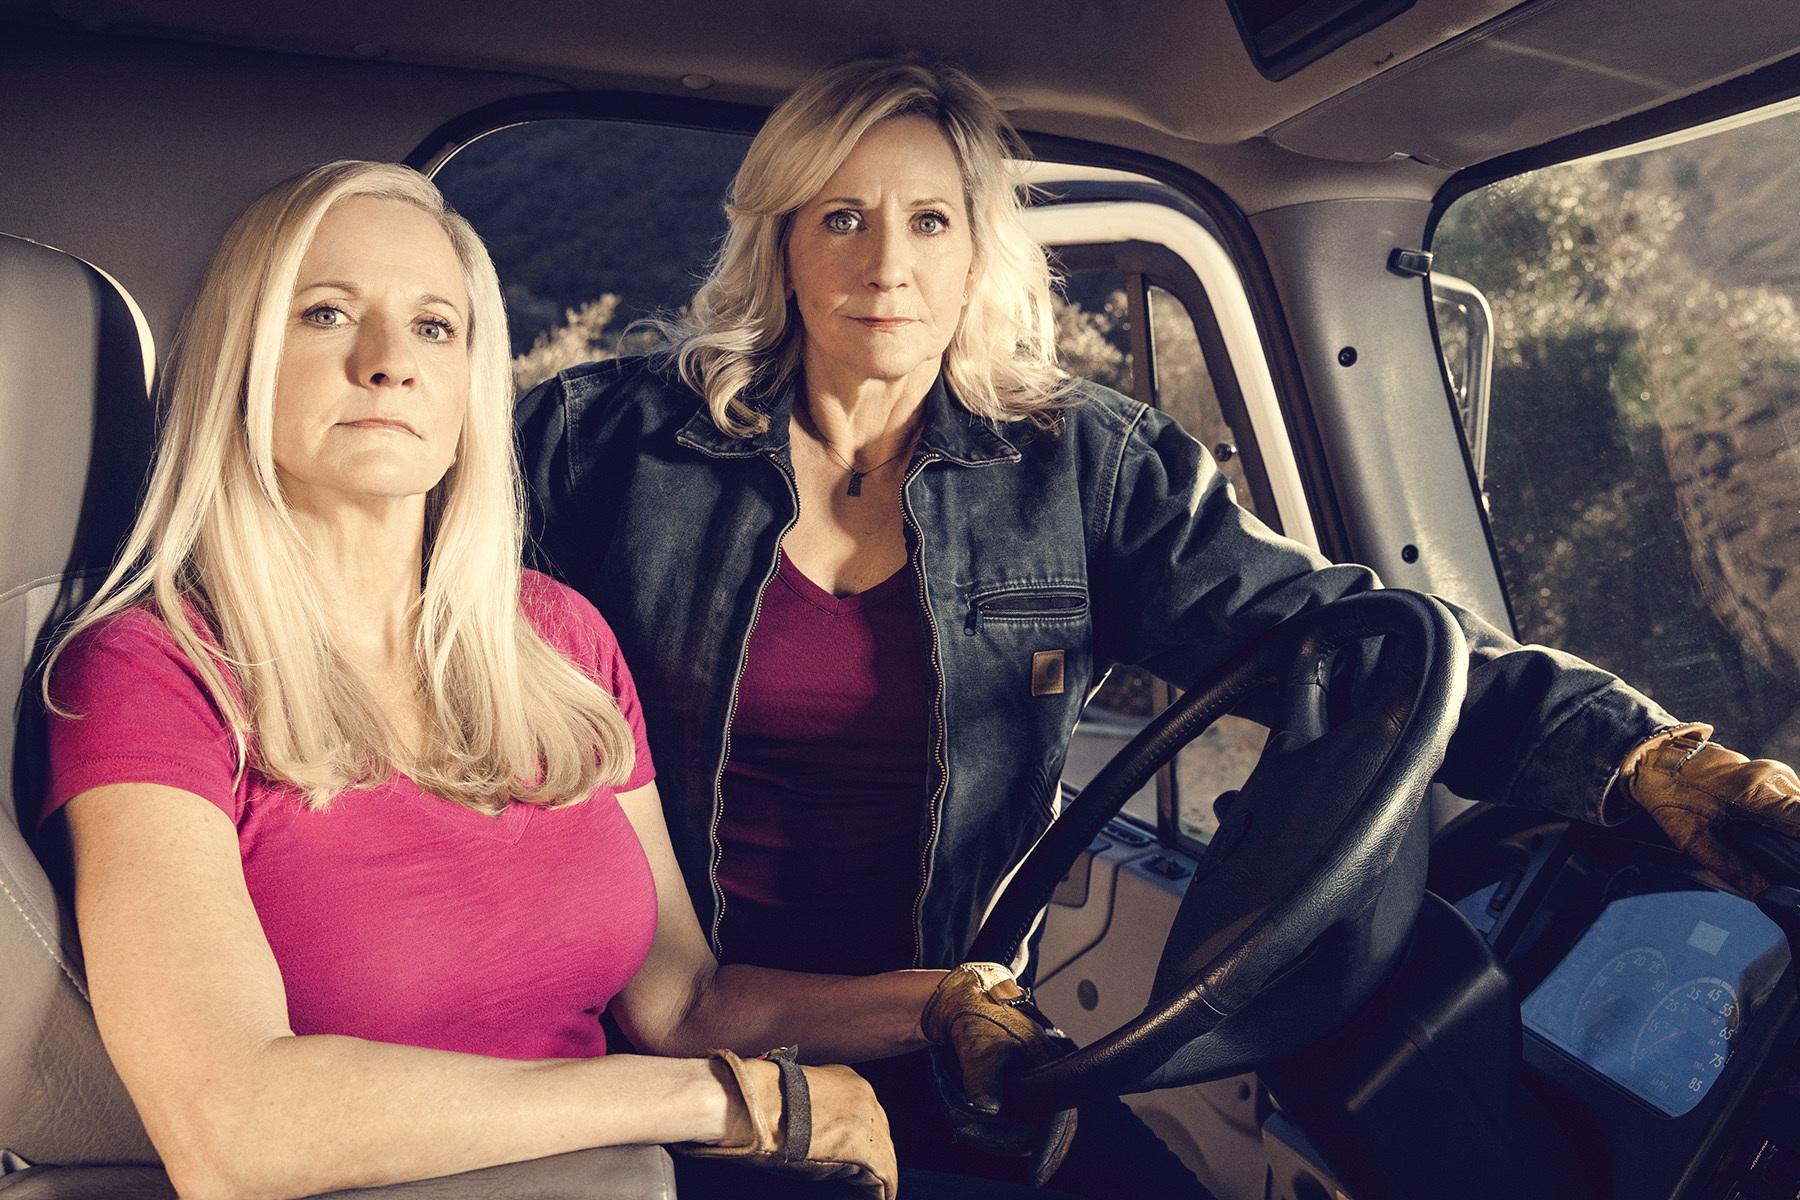 BRITA MCCOLLOUGH & BRENDA RYAN / THE HOLLYWOOD REPORTER